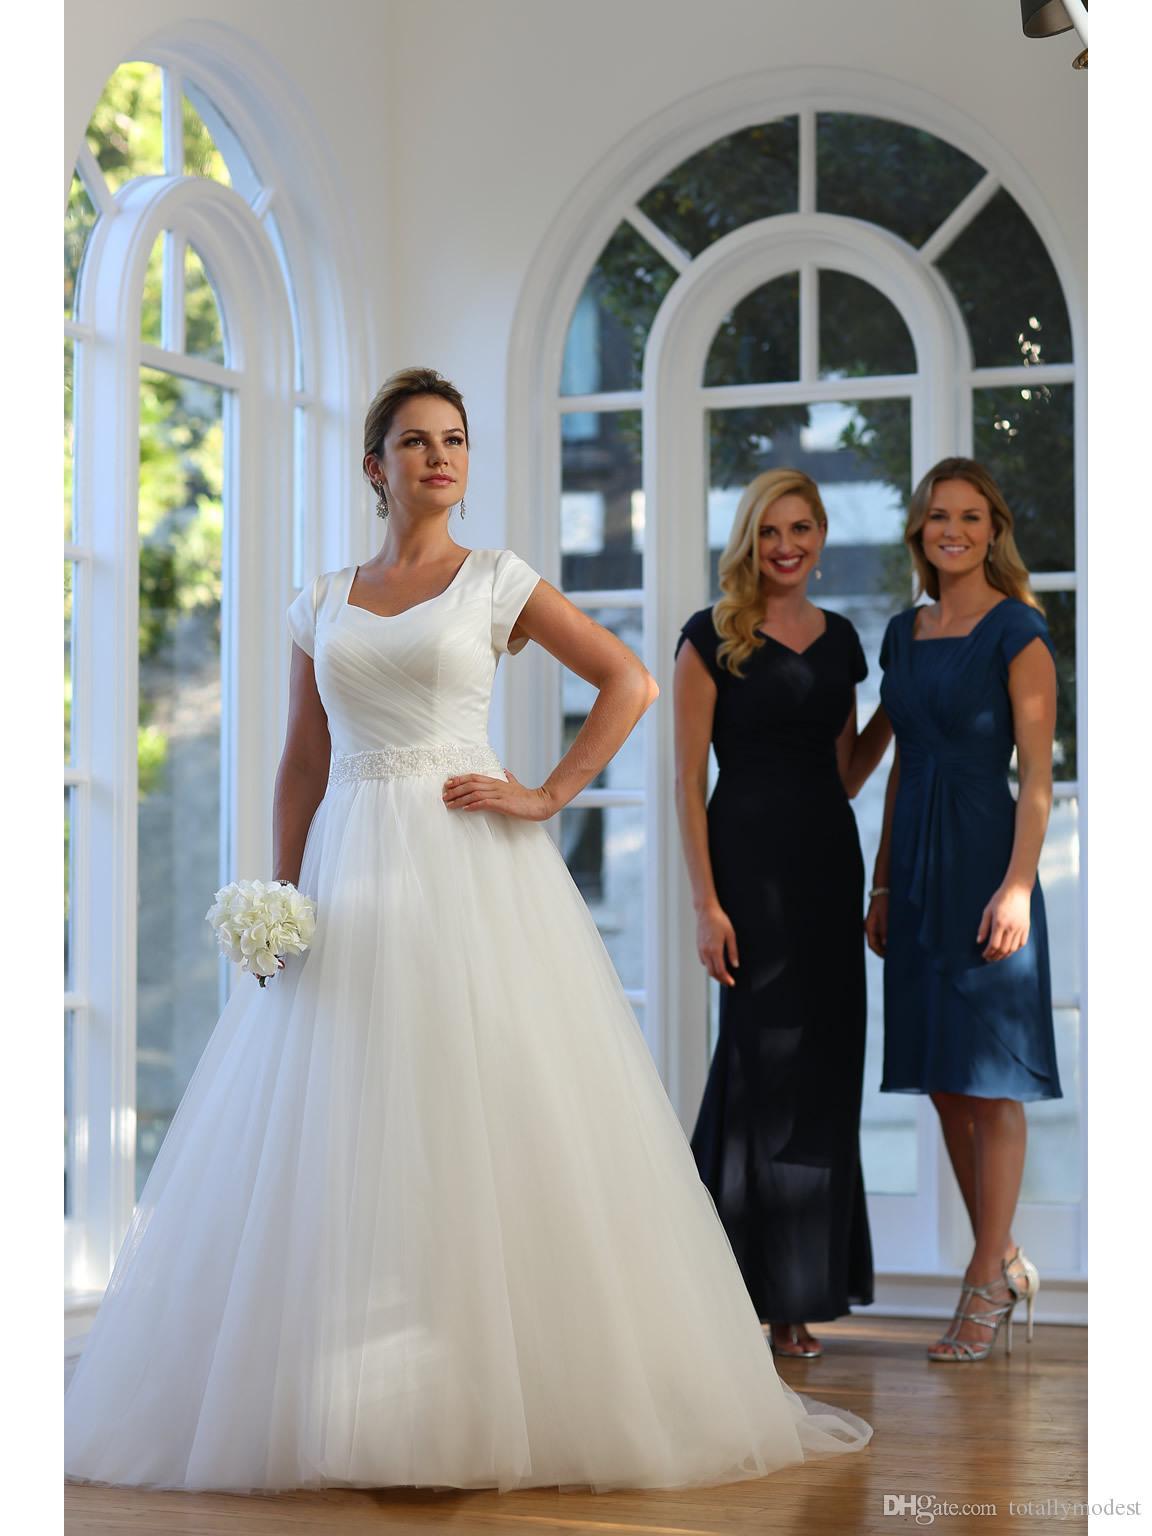 Vestido de Noiva A-line Tulle increspato Abiti da sposa lunghi modesti con maniche ad aletta Bottoni in vita Bottoni Indietro Abiti da sposa formale Semplice